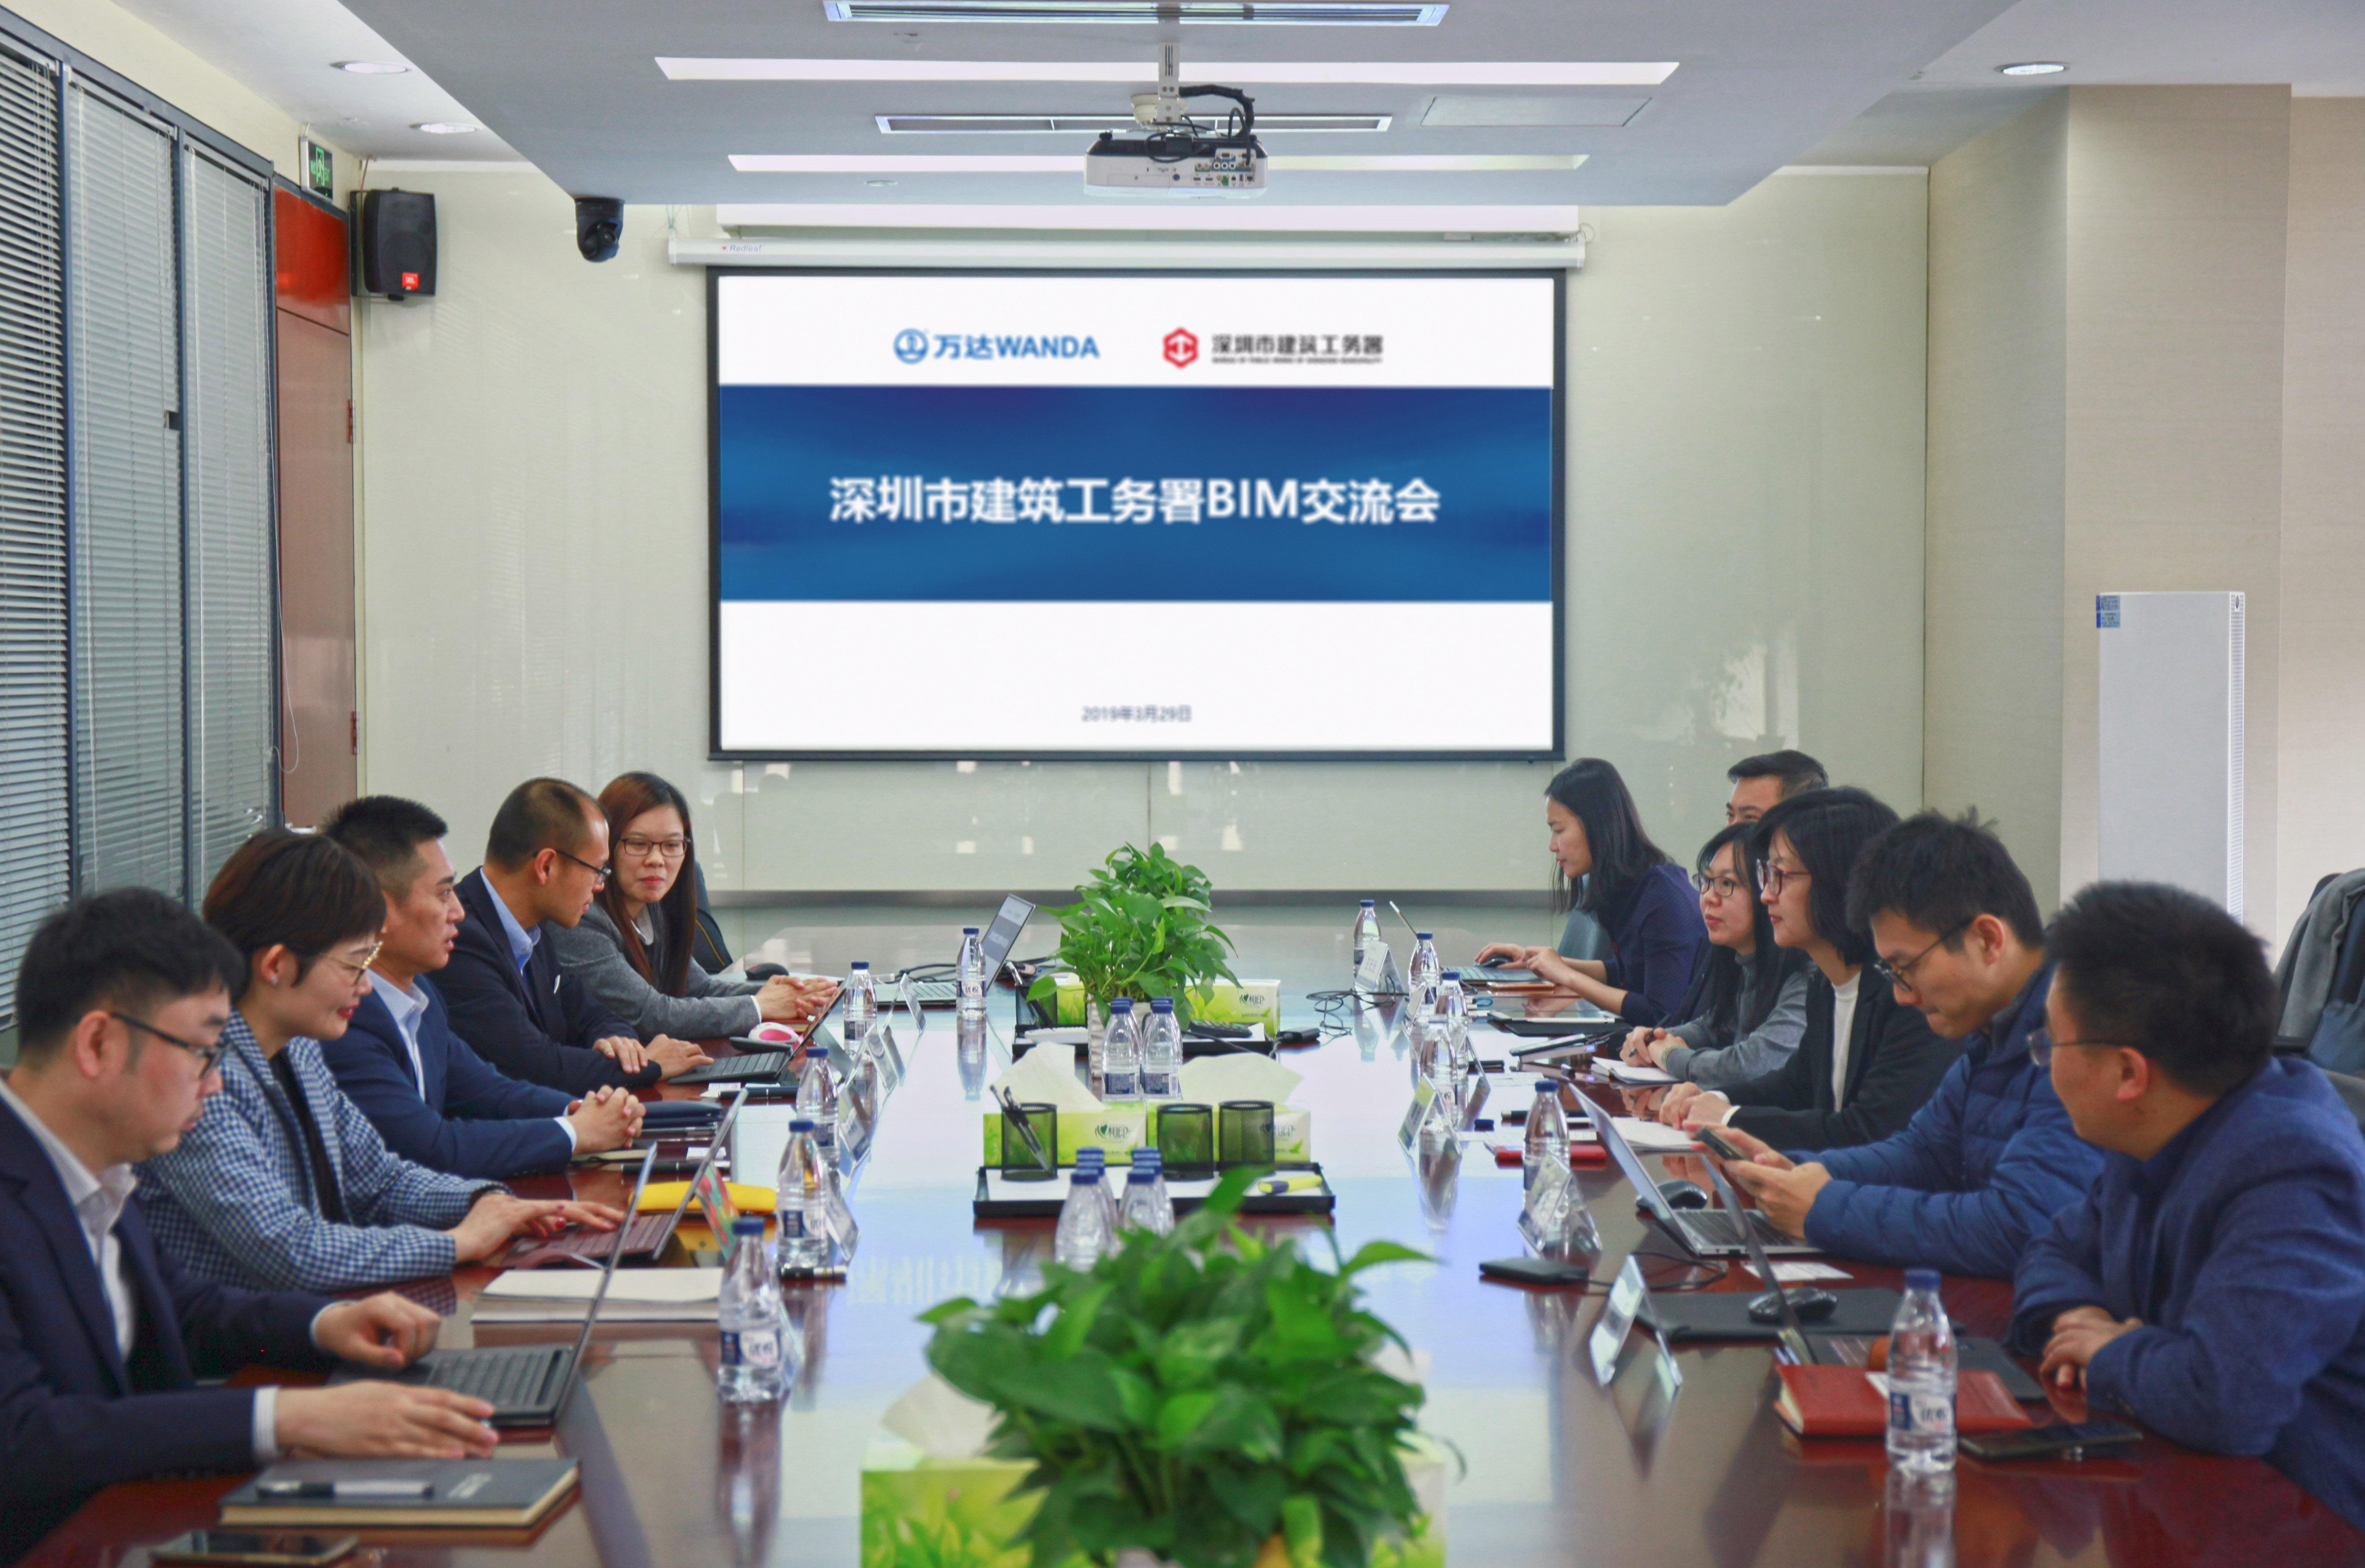 深圳建筑工务署考察学习万达BIM经验